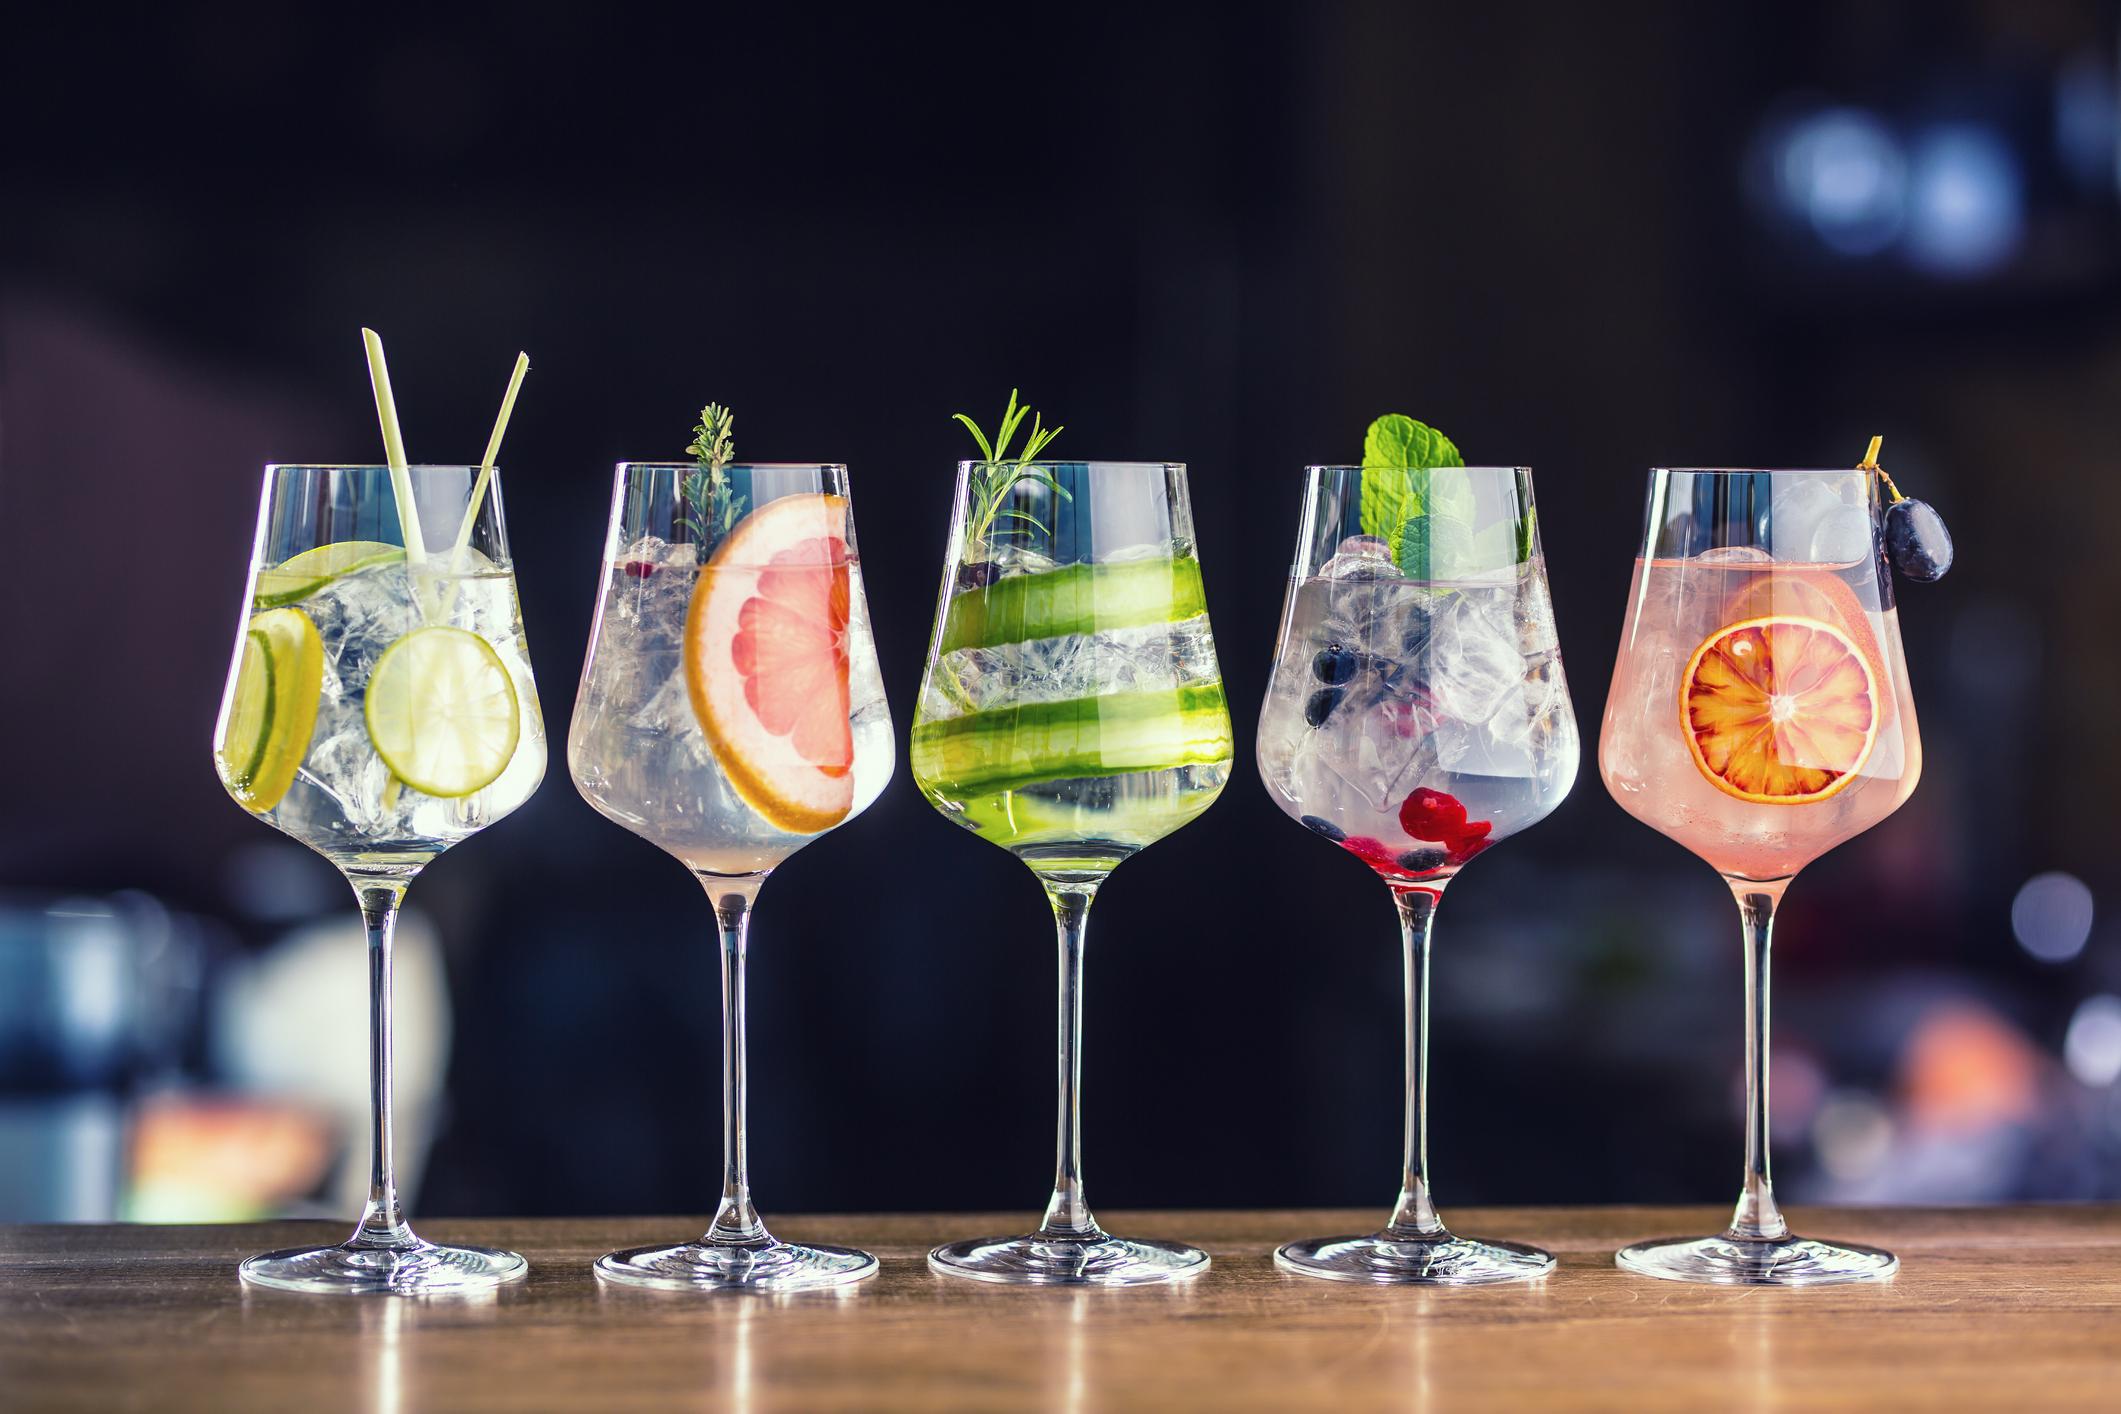 Băuturile carbogazoase și alcoolul dulce, un adevărat pericol pentru sănătate